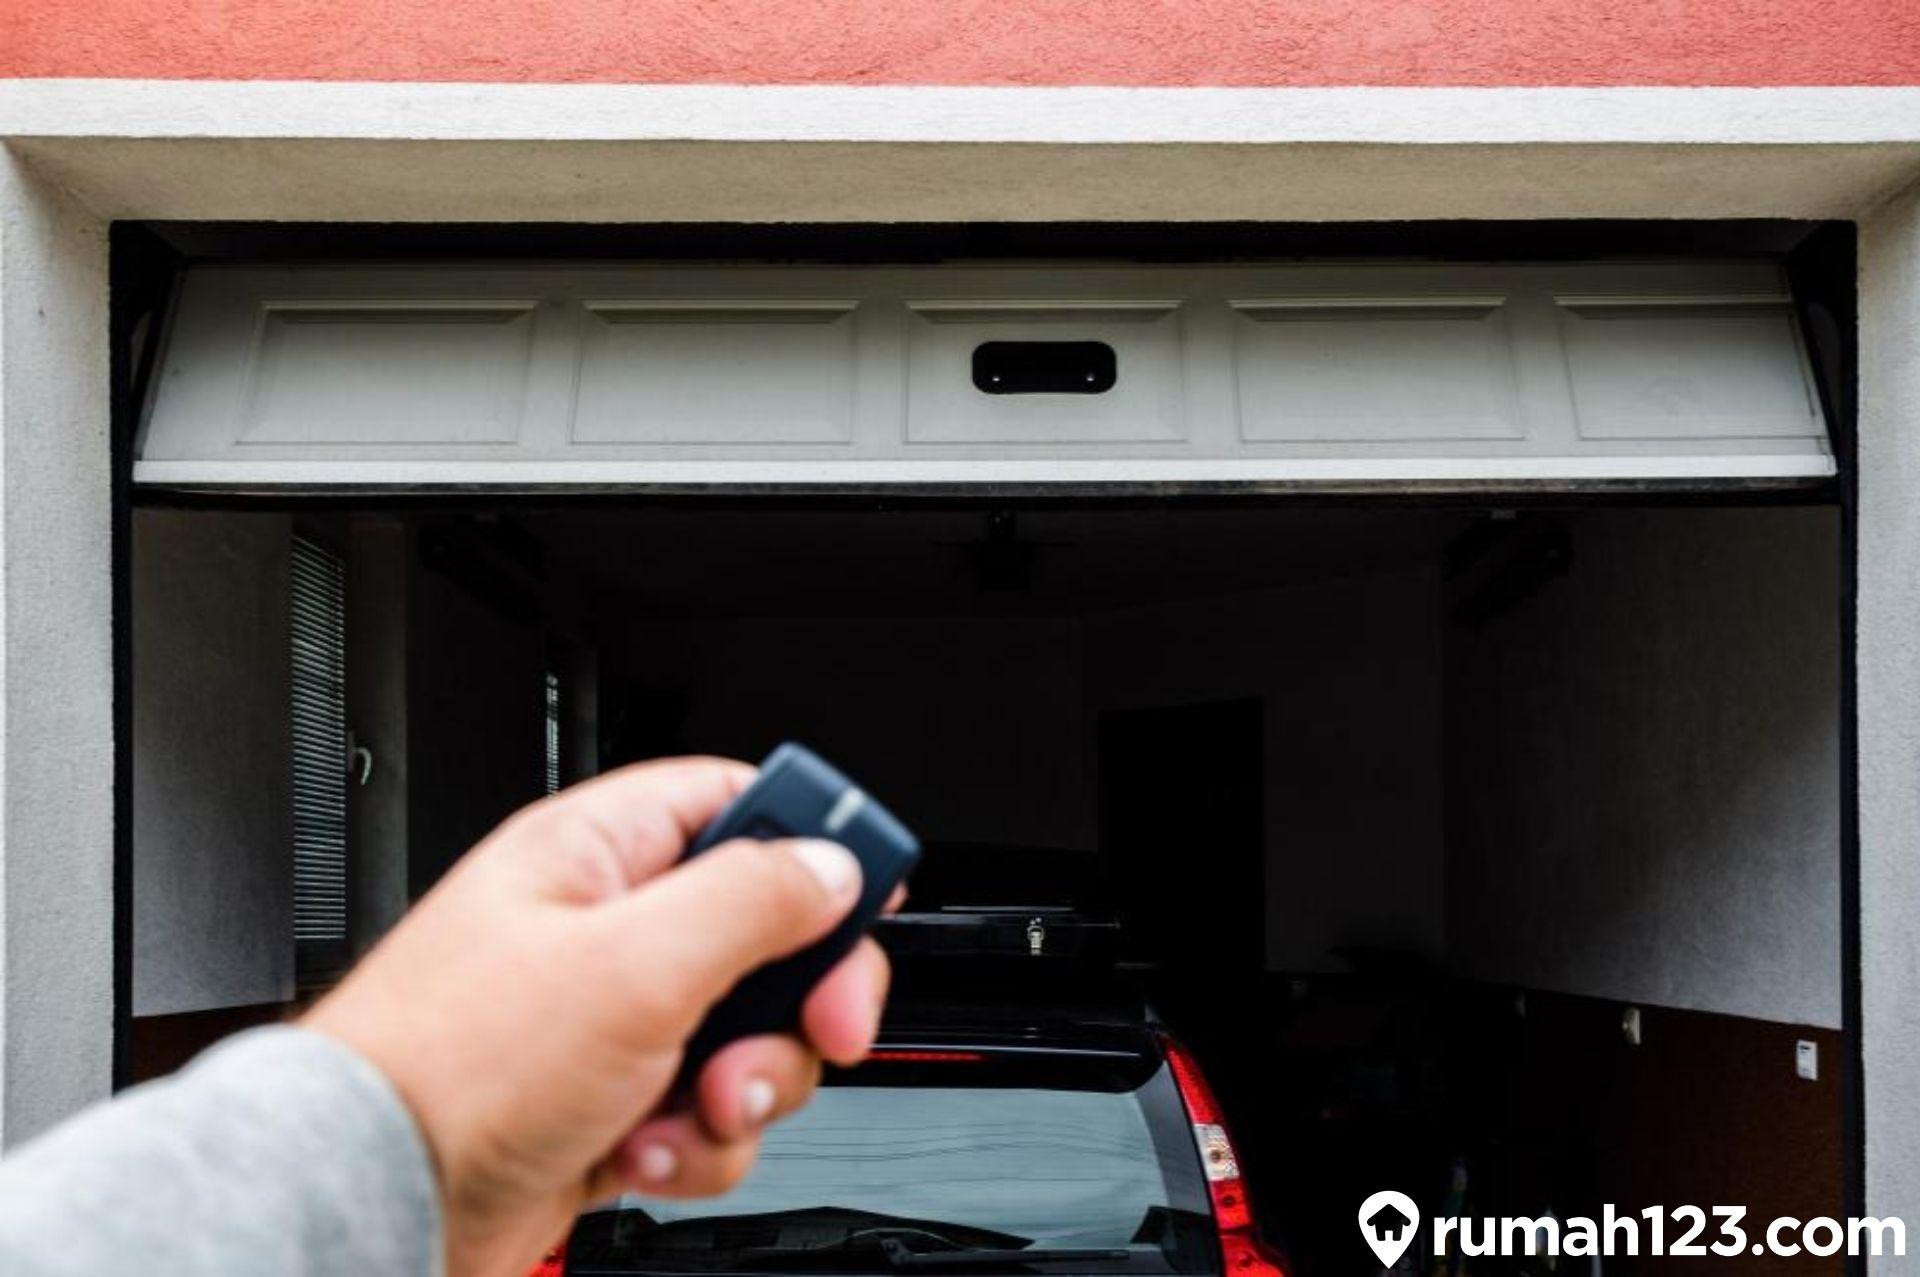 7 Jenis Pintu Garasi Untuk Hunian Minimalis Beserta Contoh Desainnya | Rumah123.com